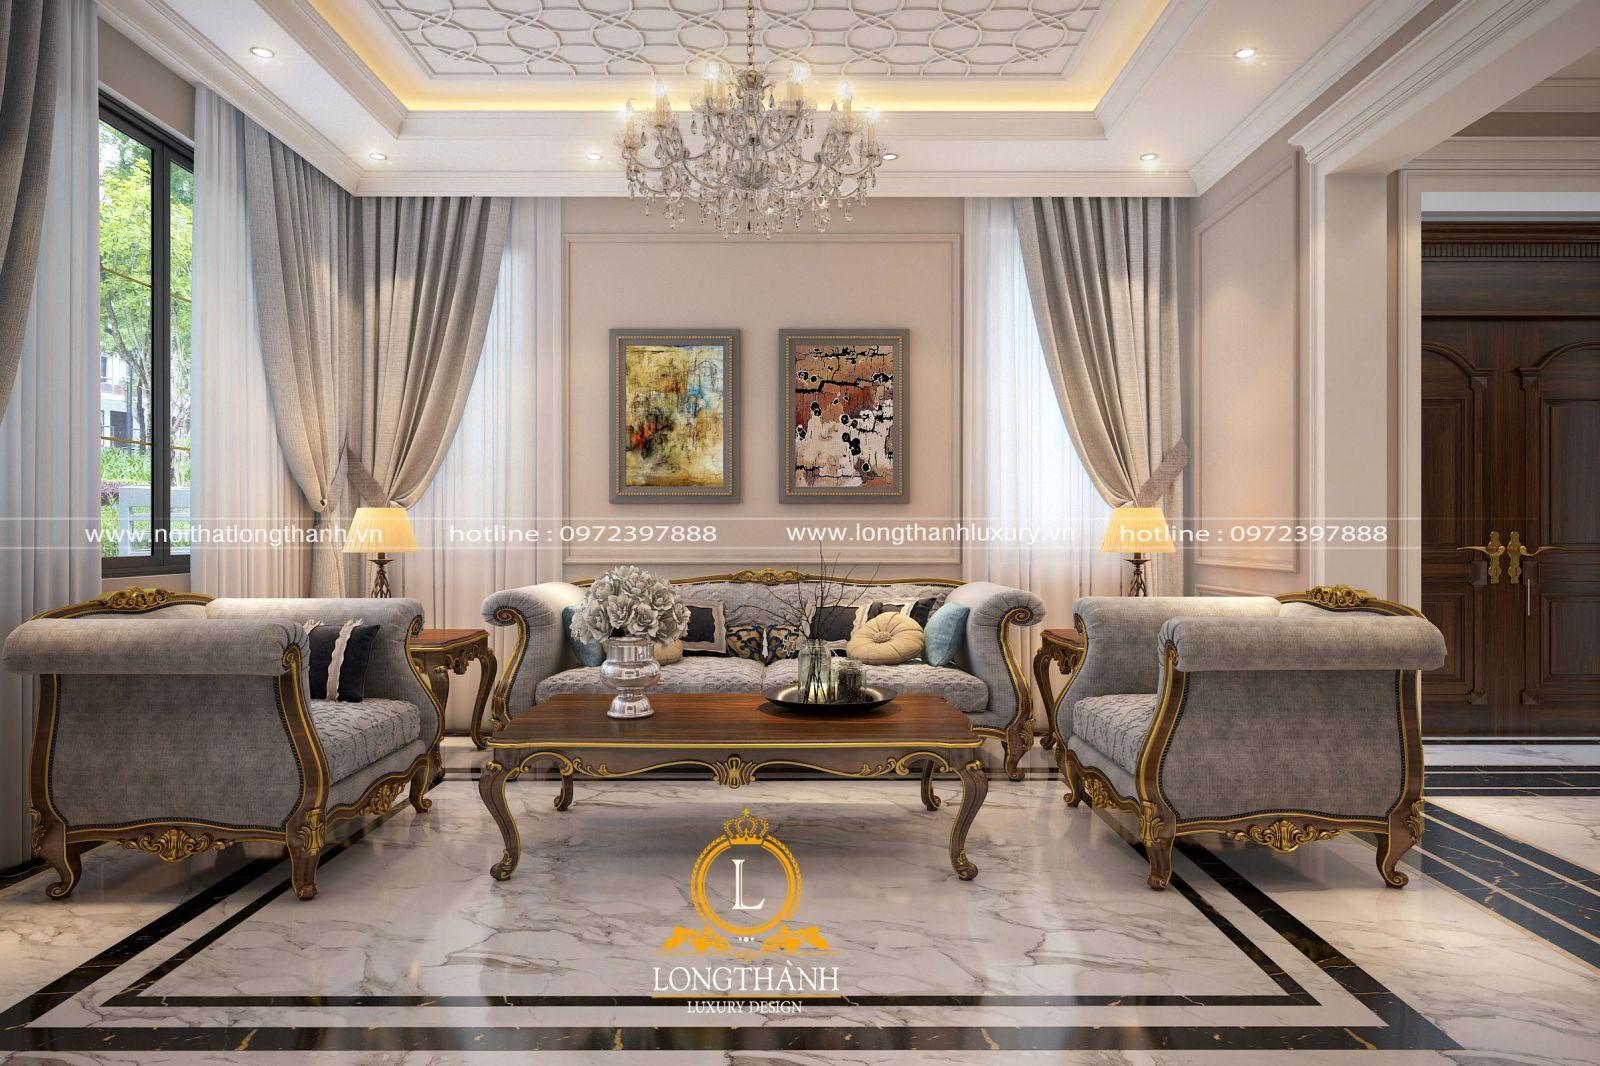 Mẫu sofa bọc nỉ đẹp hiện đại cho phòng khách thêm tươi trẻ và năng động